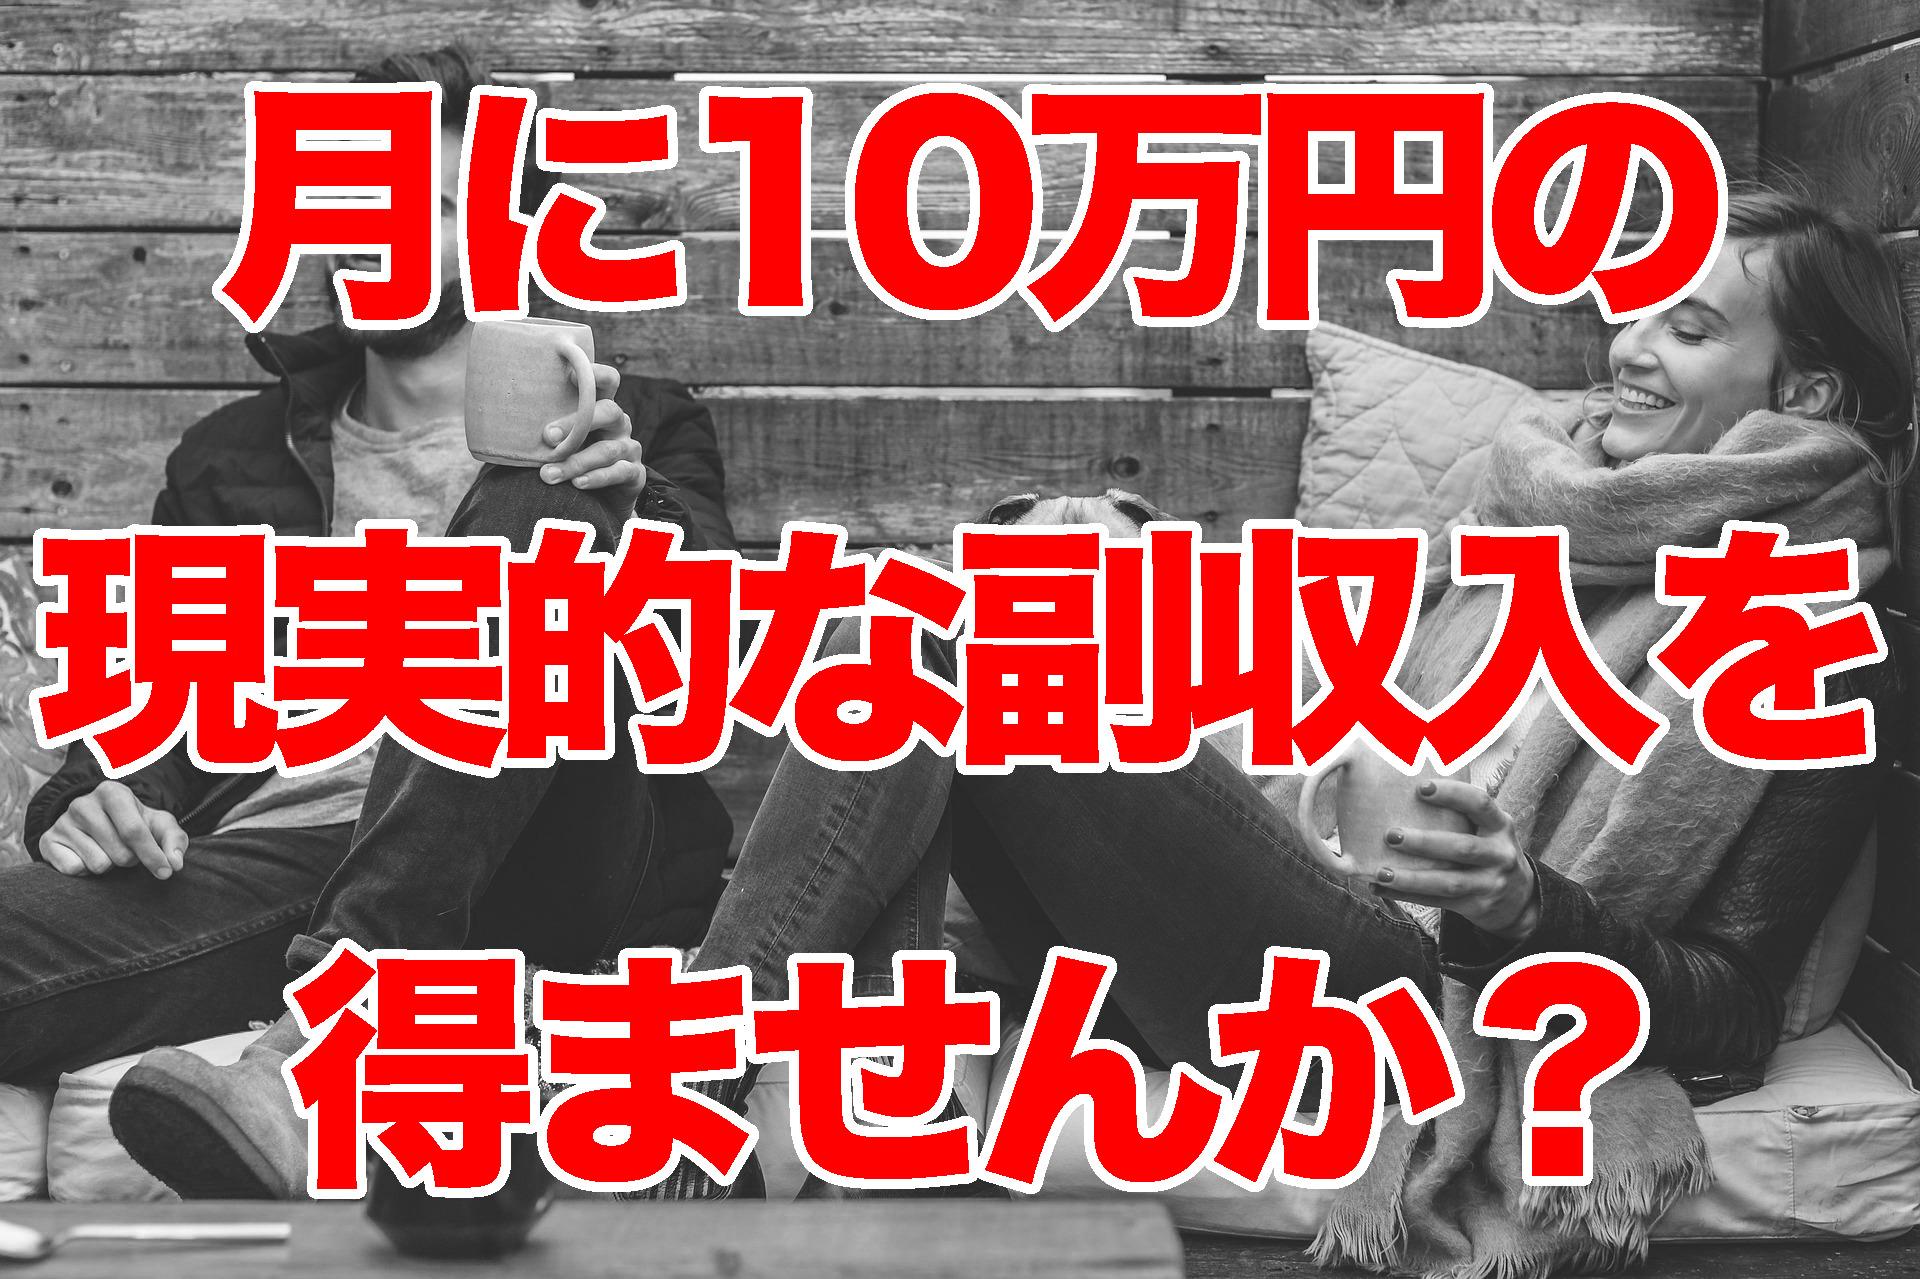 """<div style=""""margin: 0px; padding: 0px; color: rgb(51, 51, 51); font-family: メイリオ, Meiryo, """"ヒラギノ角ゴ Pro W3"""", """"Hiragino Kaku Gothic Pro"""", """"MS Pゴシック"""", """"MS UI Gothic"""", Helvetica, Arial, sans-serif; font-size: medium;""""><span style=""""font-weight: 700;""""><font size=""""5""""><u>副業で絶対に稼ぎたいあなたへ</u></font></span></div><div style=""""margin: 0px; padding: 0px; color: rgb(51, 51, 51); font-family: メイリオ, Meiryo, """"ヒラギノ角ゴ Pro W3"""", """"Hiragino Kaku Gothic Pro"""", """"MS Pゴシック"""", """"MS UI Gothic"""", Helvetica, Arial, sans-serif; font-size: medium;""""><span style=""""font-weight: 700;""""><font size=""""5""""><br></font></span></div><div style=""""margin: 0px; padding: 0px; color: rgb(51, 51, 51); font-family: メイリオ, Meiryo, """"ヒラギノ角ゴ Pro W3"""", """"Hiragino Kaku Gothic Pro"""", """"MS Pゴシック"""", """"MS UI Gothic"""", Helvetica, Arial, sans-serif; font-size: medium;""""><font size=""""5""""><span style=""""font-weight: 700;"""">まずは、</span></font></div><div style=""""margin: 0px; padding: 0px; color: rgb(51, 51, 51); font-family: メイリオ, Meiryo, """"ヒラギノ角ゴ Pro W3"""", """"Hiragino Kaku Gothic Pro"""", """"MS Pゴシック"""", """"MS UI Gothic"""", Helvetica, Arial, sans-serif; font-size: medium;""""><font size=""""5""""><span style=""""font-weight: 700;"""">月に数万円~十数万円という</span></font></div><div style=""""margin: 0px; padding: 0px; color: rgb(51, 51, 51); font-family: メイリオ, Meiryo, """"ヒラギノ角ゴ Pro W3"""", """"Hiragino Kaku Gothic Pro"""", """"MS Pゴシック"""", """"MS UI Gothic"""", Helvetica, Arial, sans-serif; font-size: medium;""""><font size=""""5""""><span style=""""font-weight: 700;"""">現実的な収入を手に入れませんか?</span></font></div><div style=""""margin: 0px; padding: 0px; color: rgb(51, 51, 51); font-family: メイリオ, Meiryo, """"ヒラギノ角ゴ Pro W3"""", """"Hiragino Kaku Gothic Pro"""", """"MS Pゴシック"""", """"MS UI Gothic"""", Helvetica, Arial, sans-serif; font-size: medium;""""><br></div><div style=""""margin: 0px; padding: 0px; color: rgb(51, 51, 51); font-family: メイリオ, Meiryo, """"ヒラギノ角ゴ Pro W3"""", """"Hiragino Kaku Gothic Pro"""", """"MS Pゴシック"""", """"MS UI Gothic"""", Helvetica, Arial, sans-serif; font-size: medium;""""><span style=""""font-weight: 700;""""><font color=""""#ff0000"""">※初報酬までの時間が早く、即金性もあるため</font></span></div><div style="""